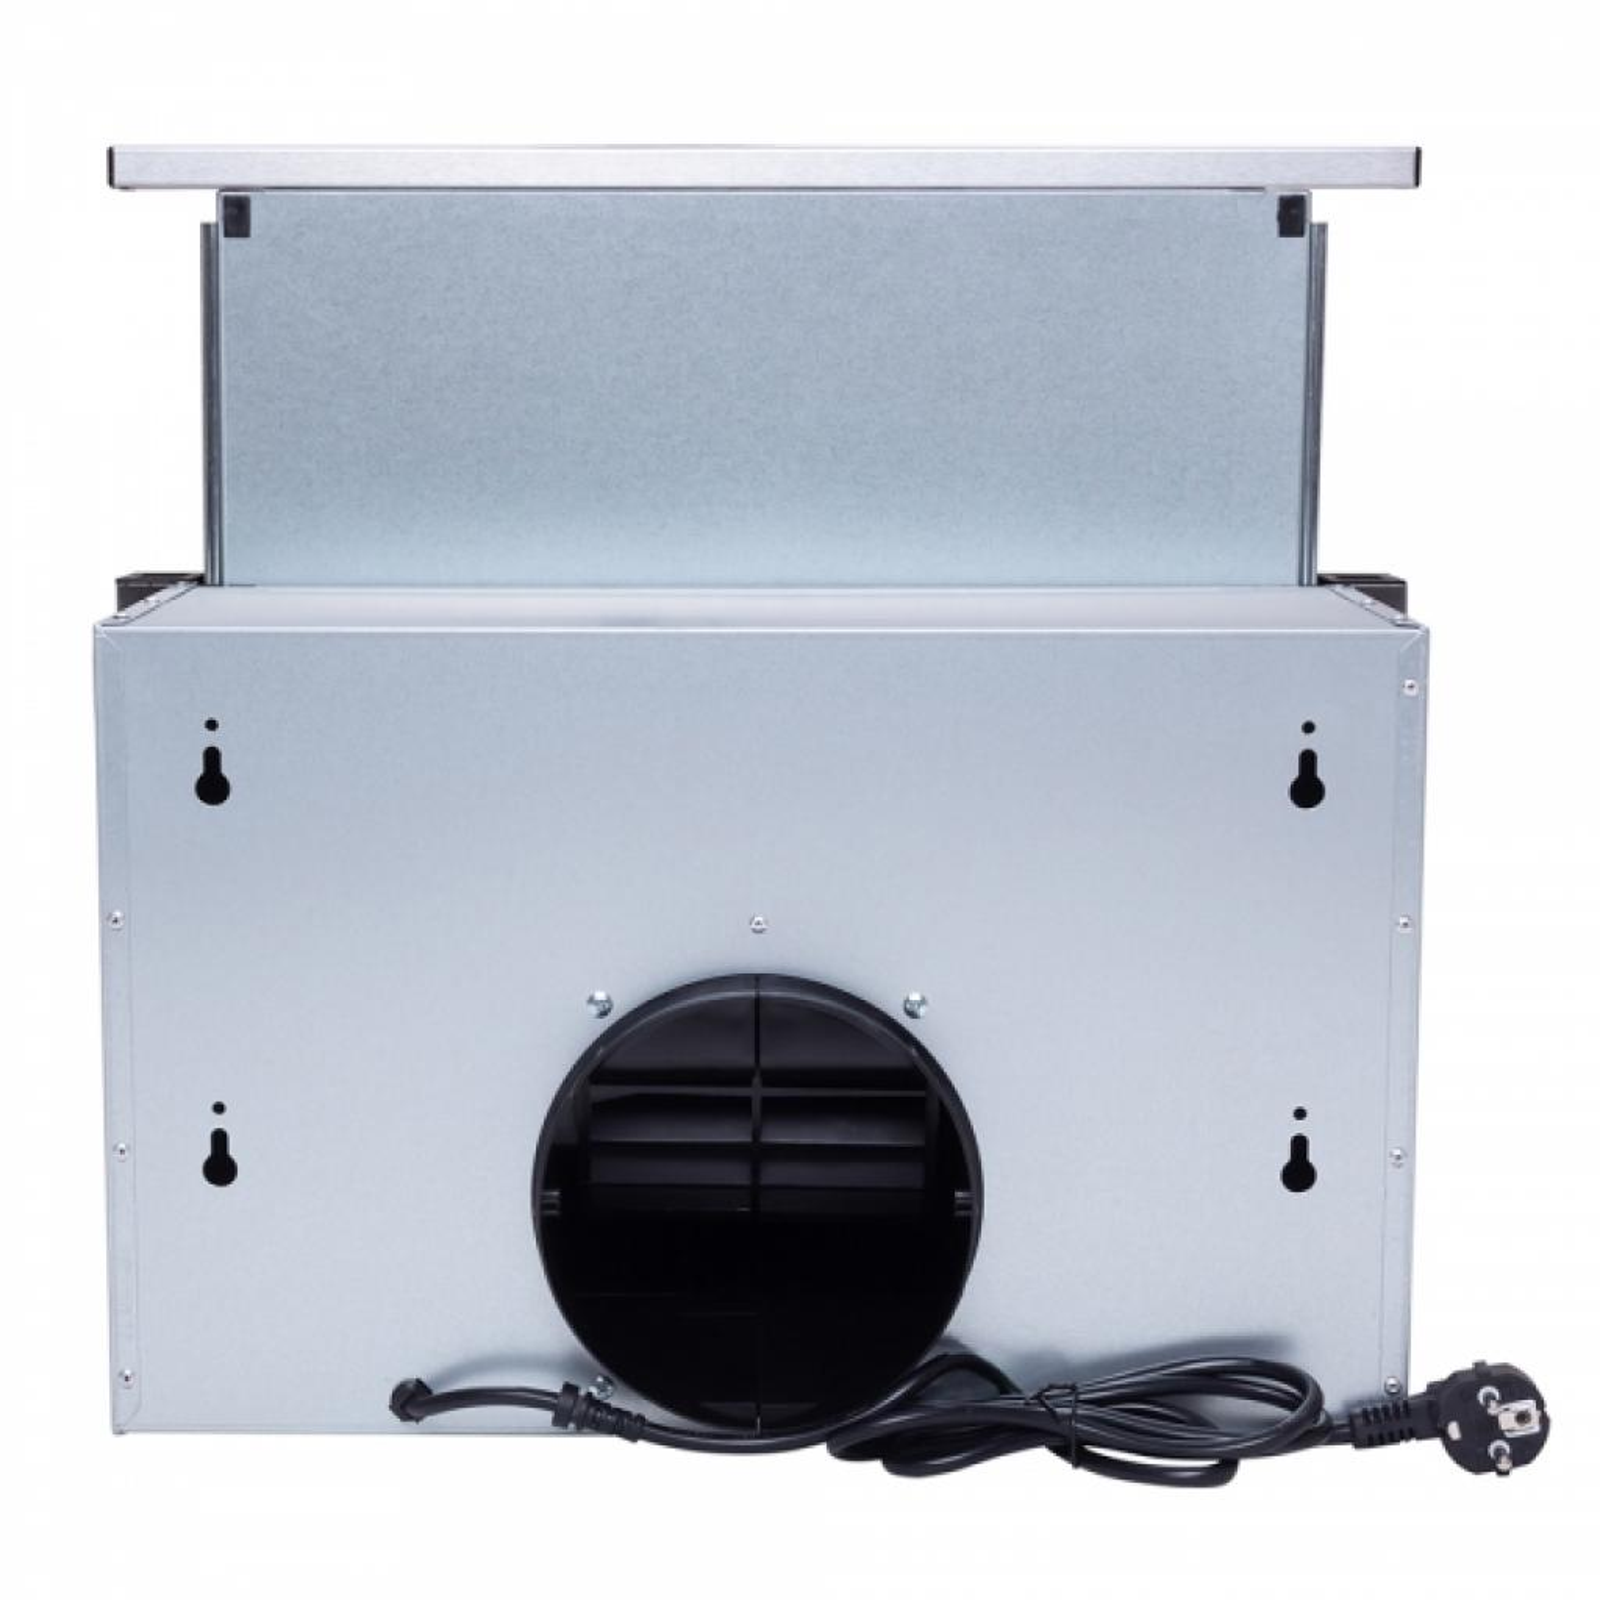 Вытяжка кухонная Minola HTL 5314 WH 750 LED изображение 7